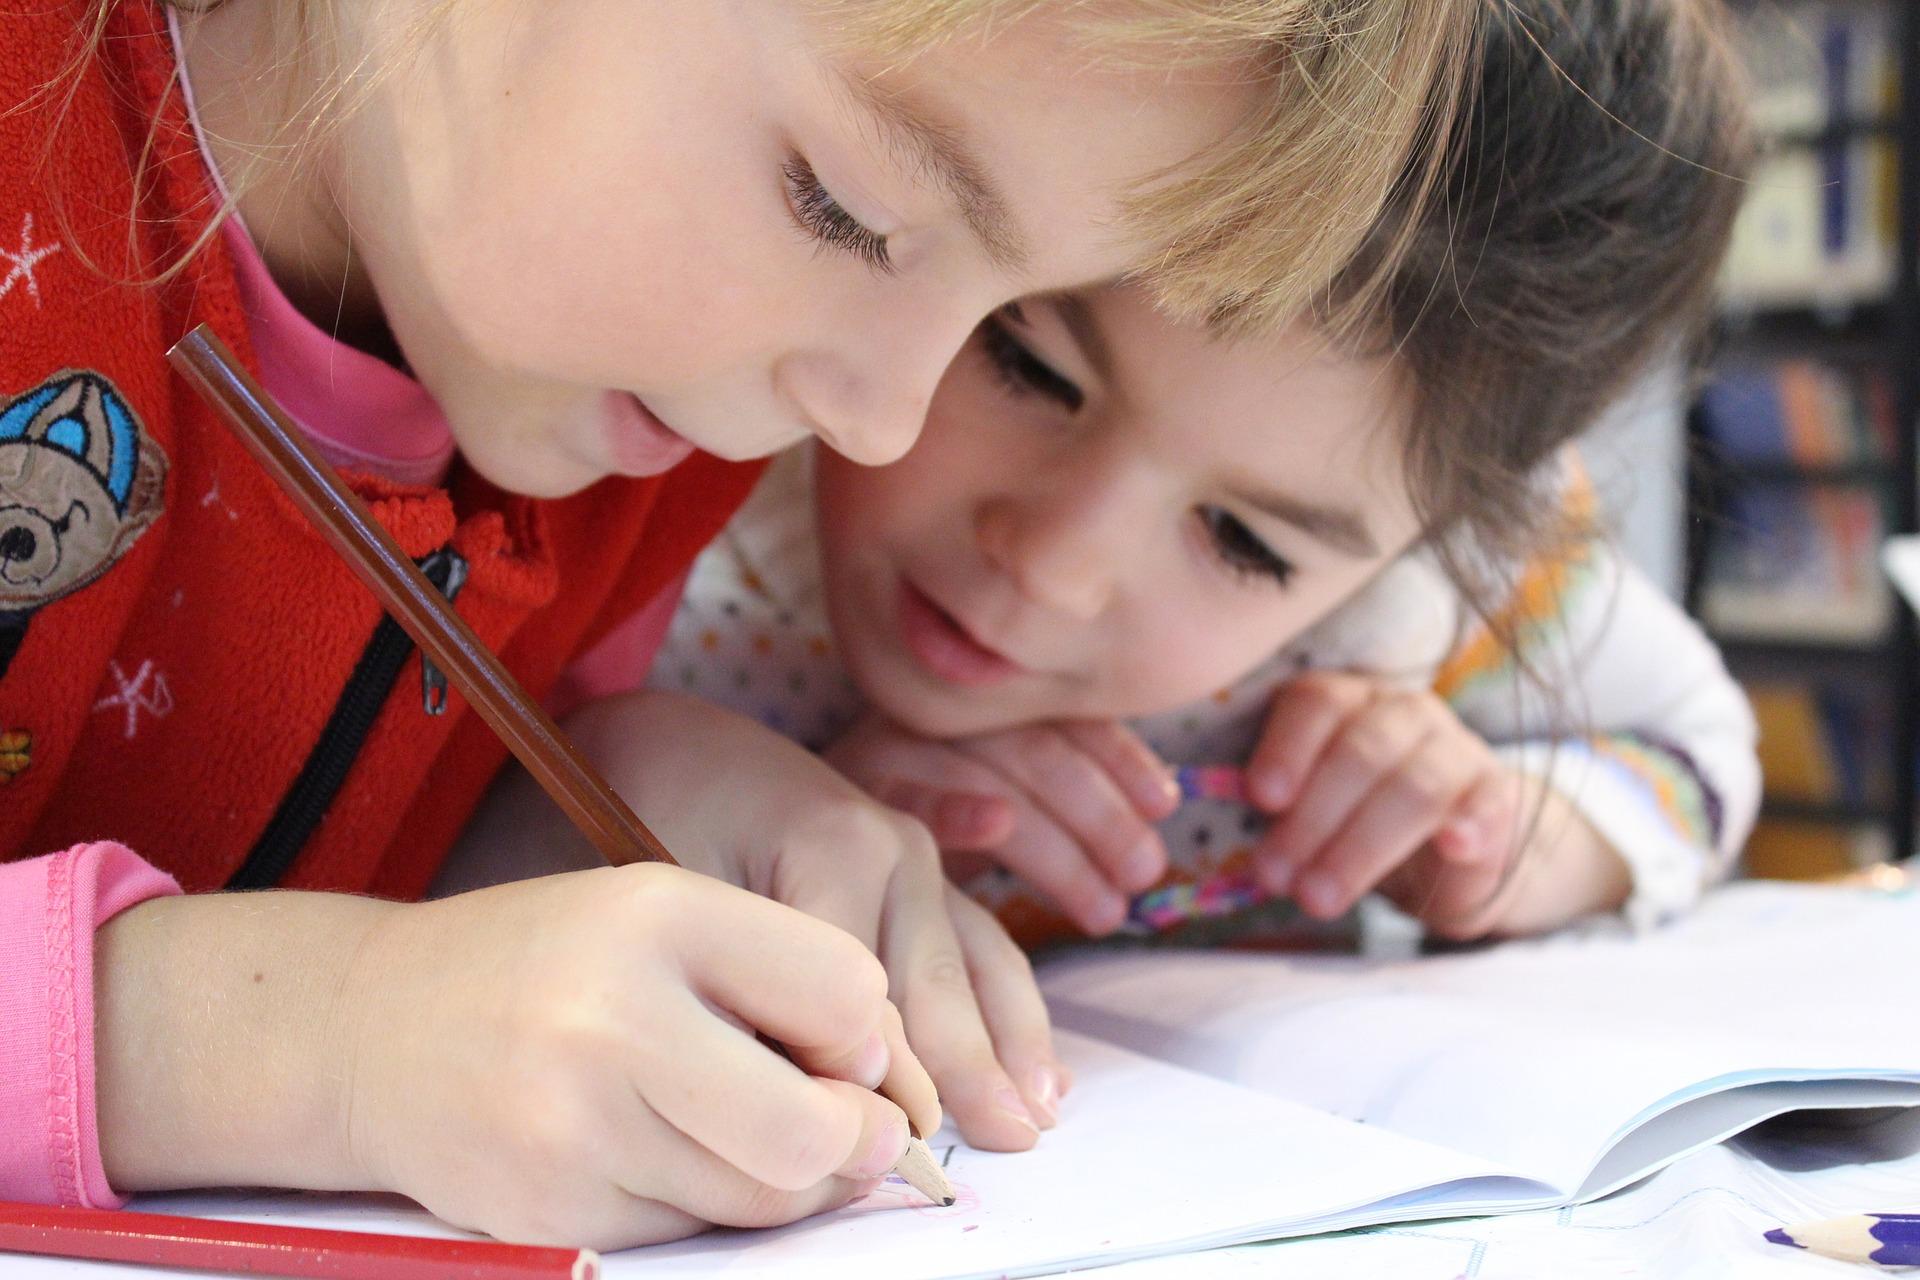 zwei Kinder lösen eine Aufgabe in einem Heft - Kurse für Hochbegabte